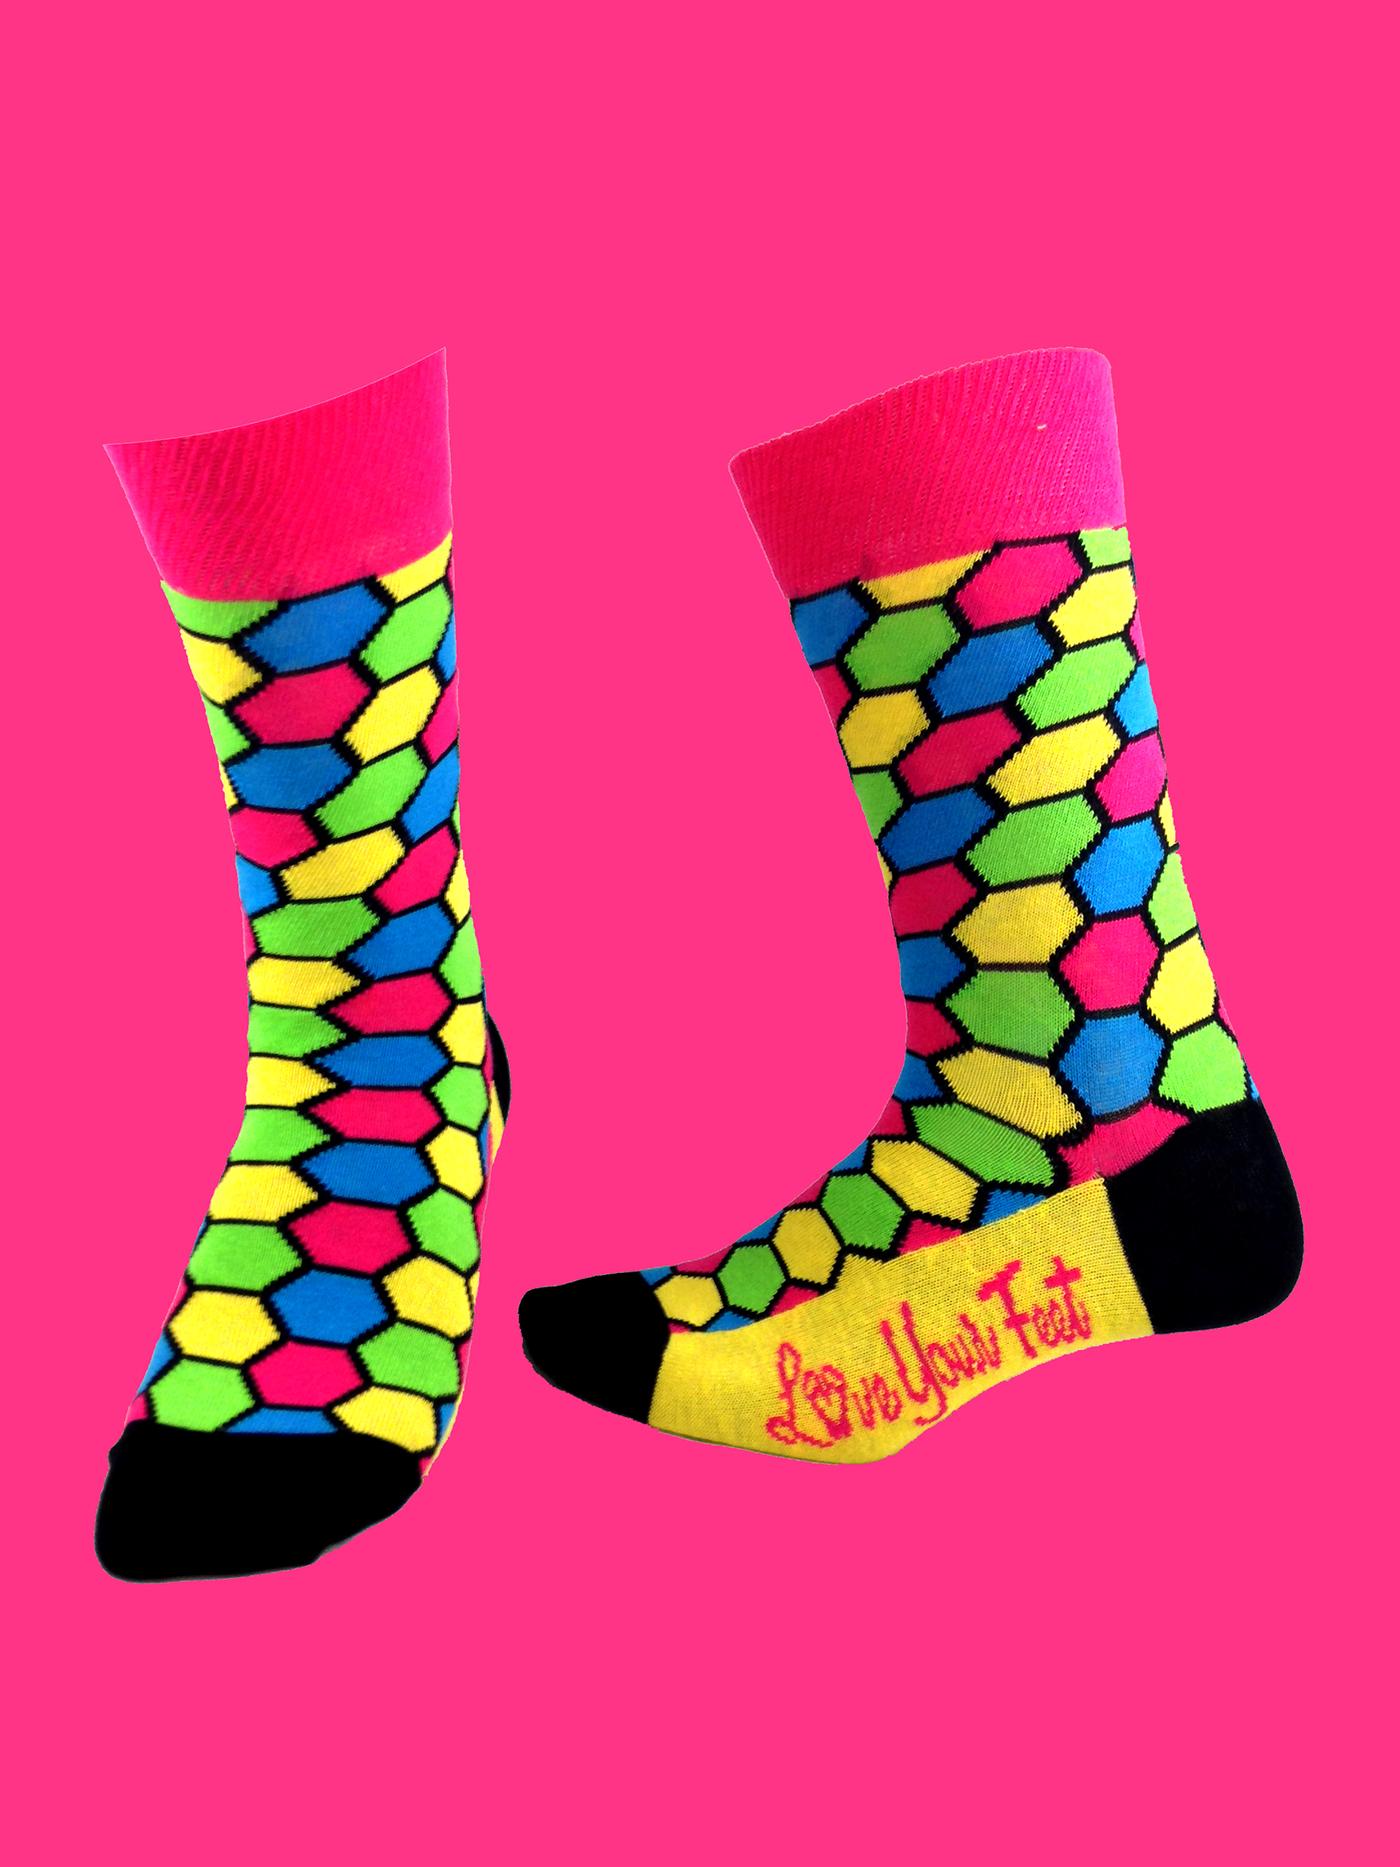 Love Your Feet Socks Debut LIne on Behance